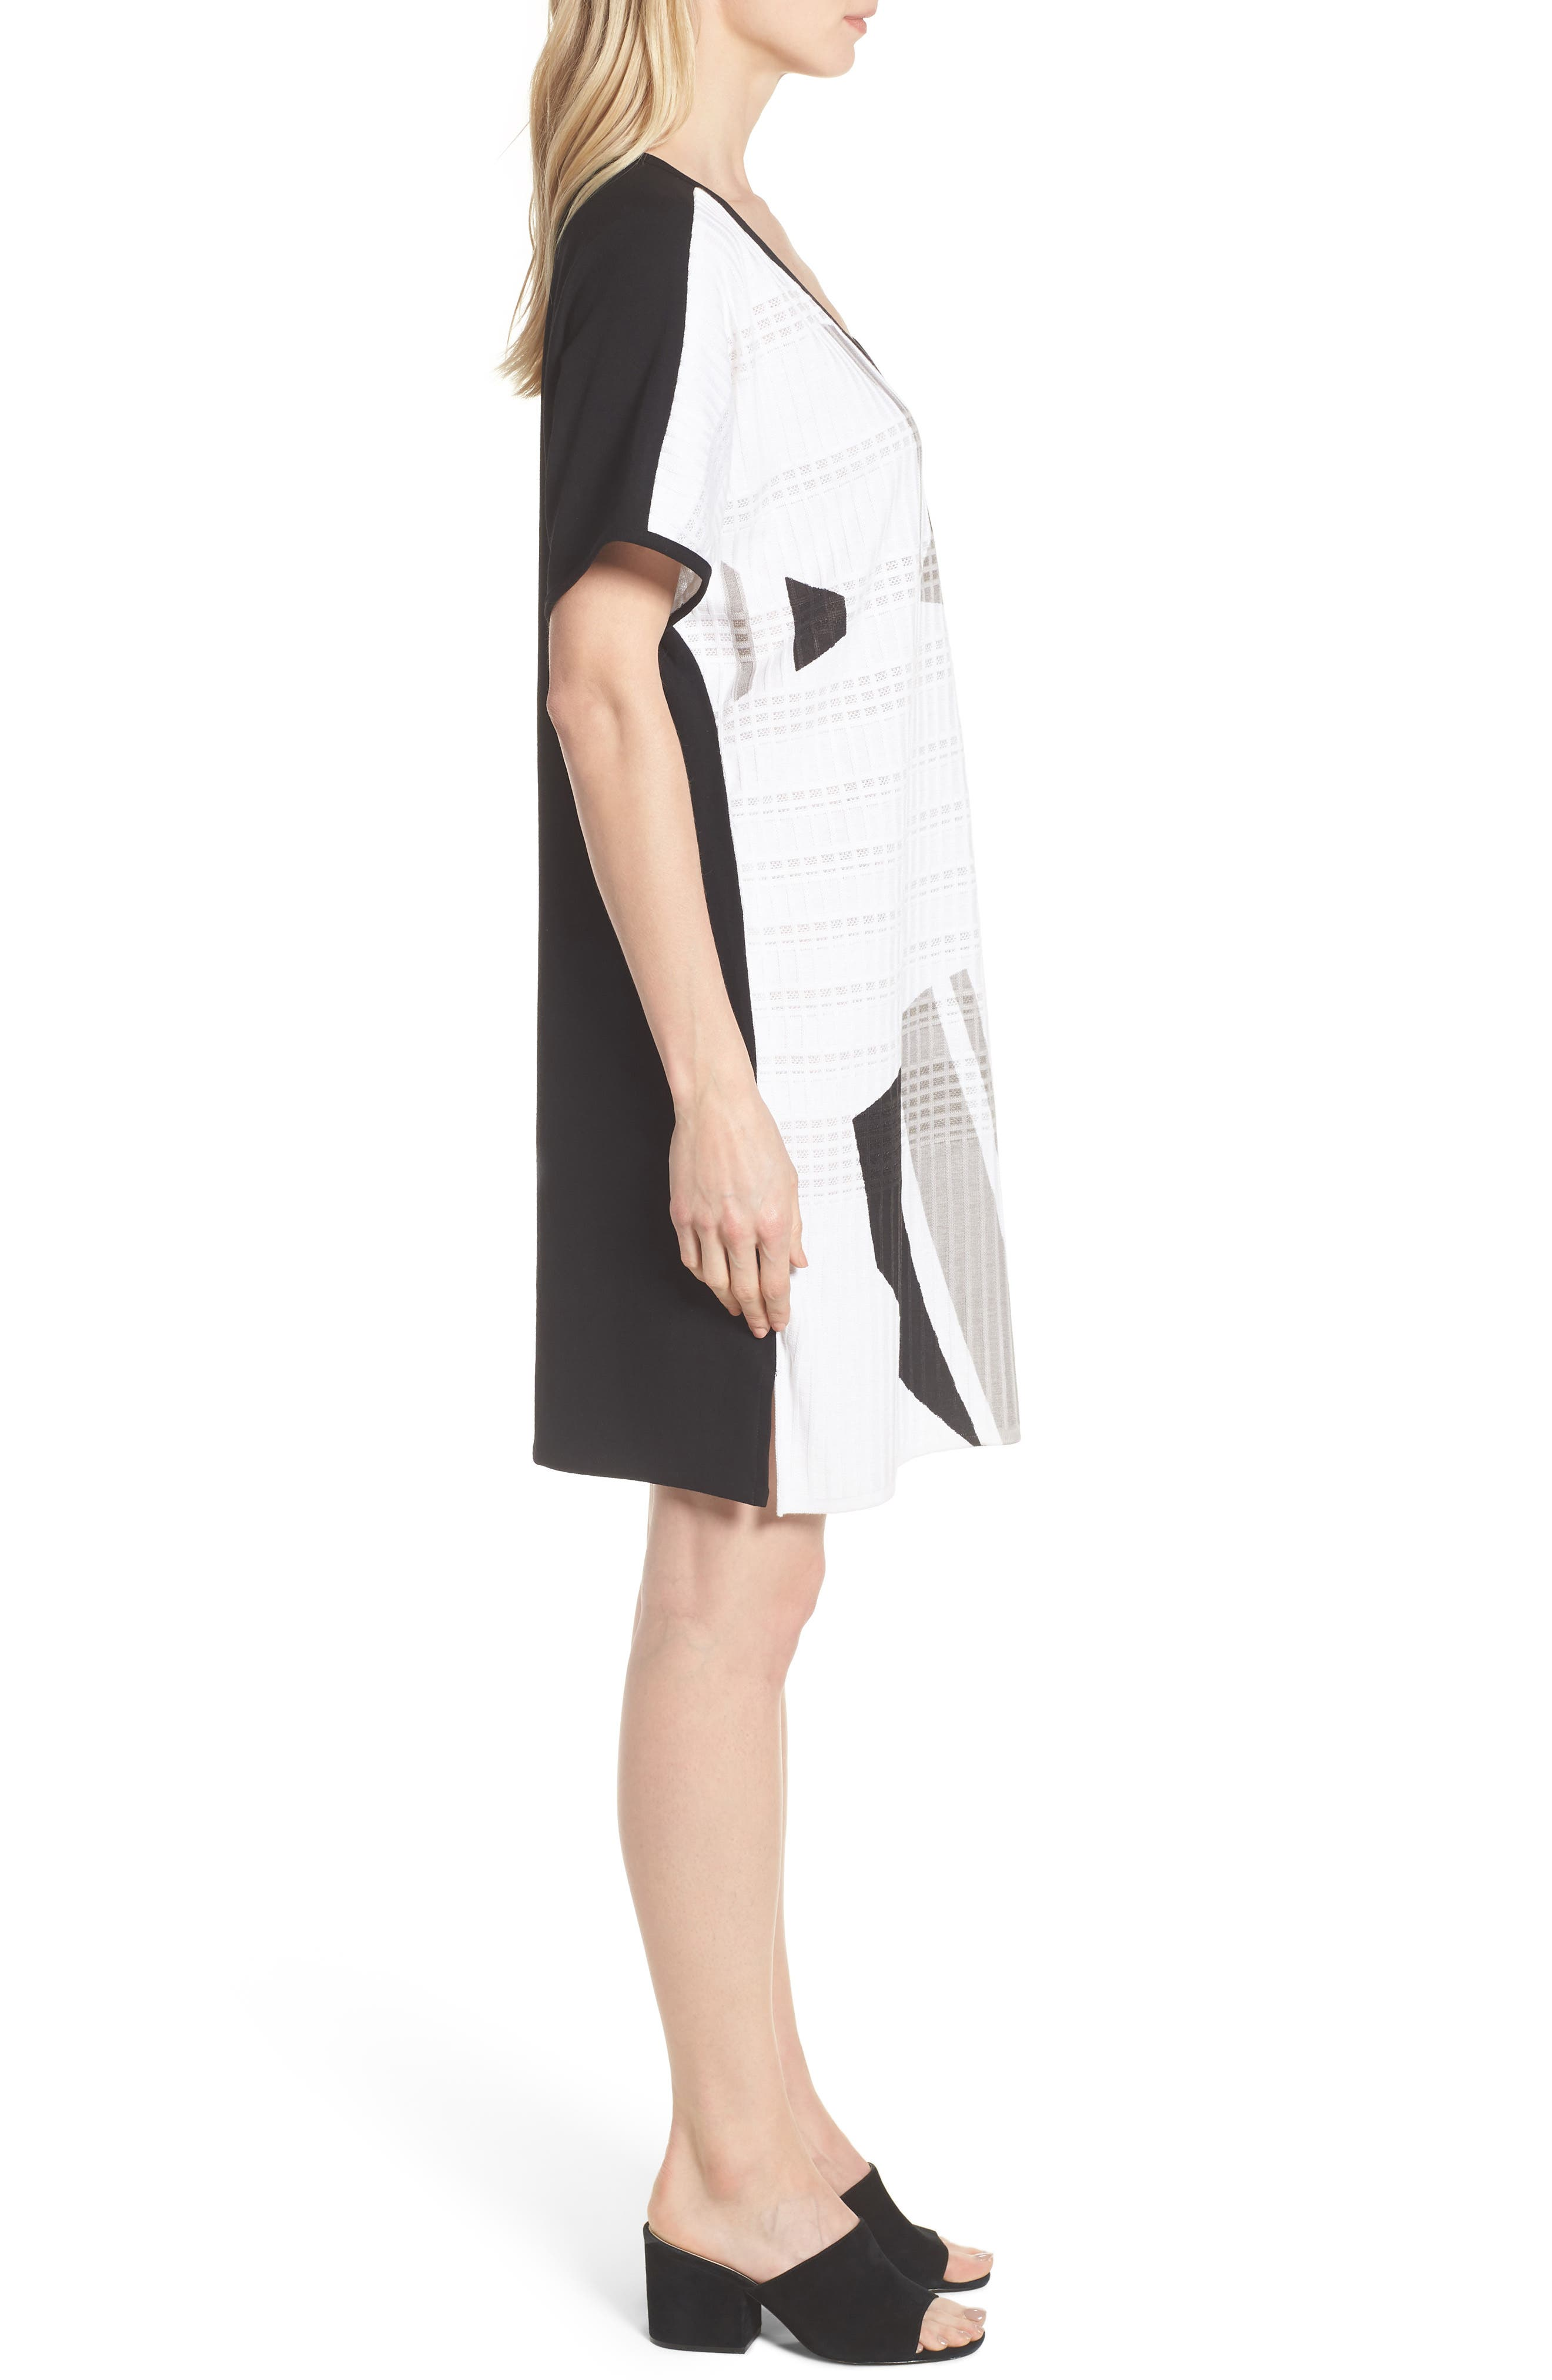 Geometric Jacquard Tunic Dress,                             Alternate thumbnail 3, color,                             White/ Almond Beige/ Black